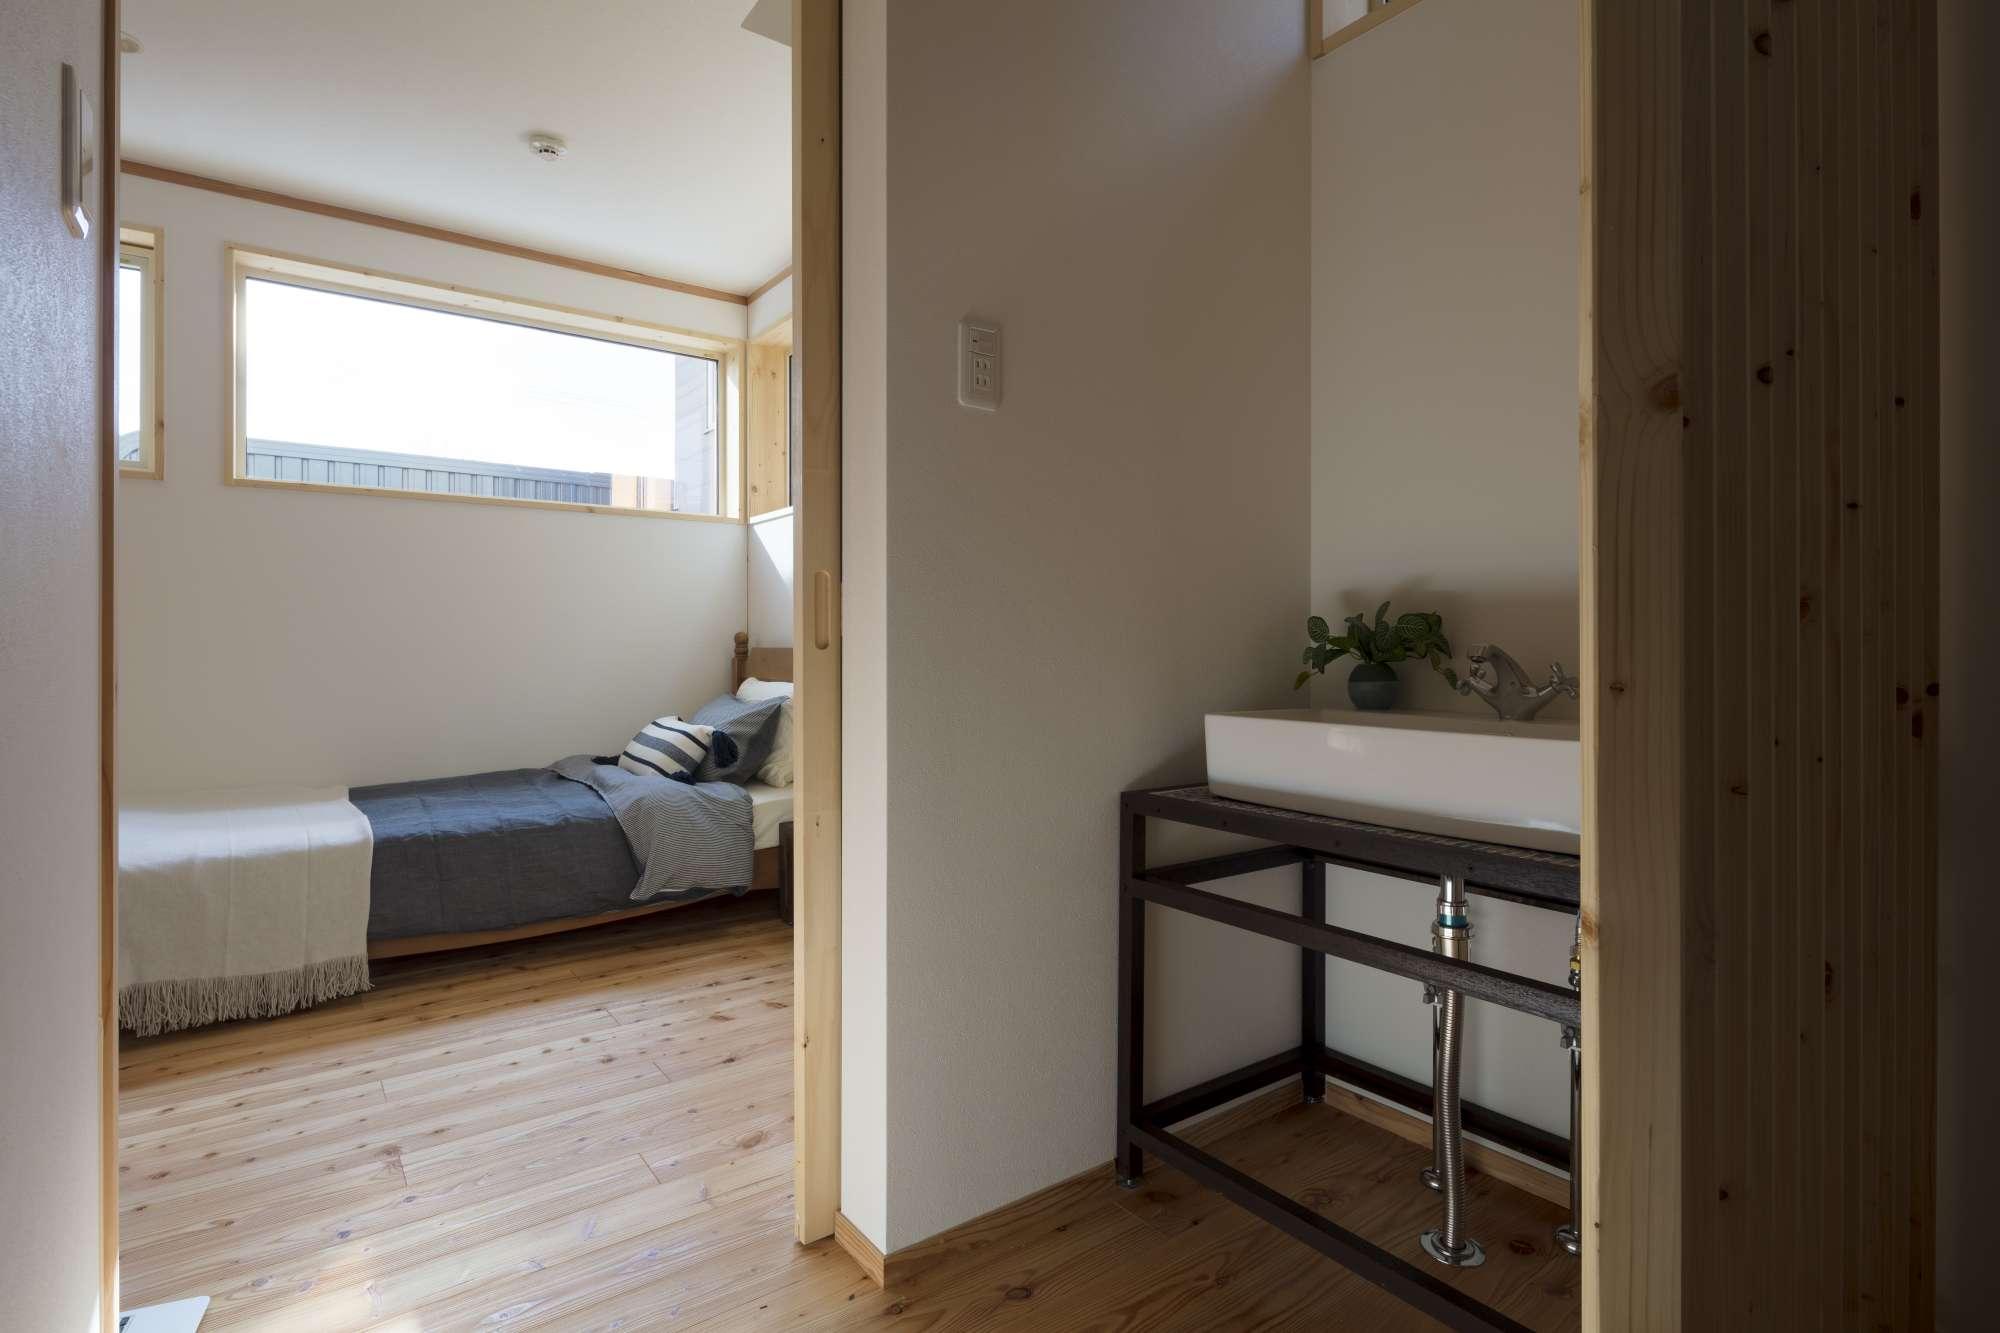 寝室横には造作洗面。 -  -  -